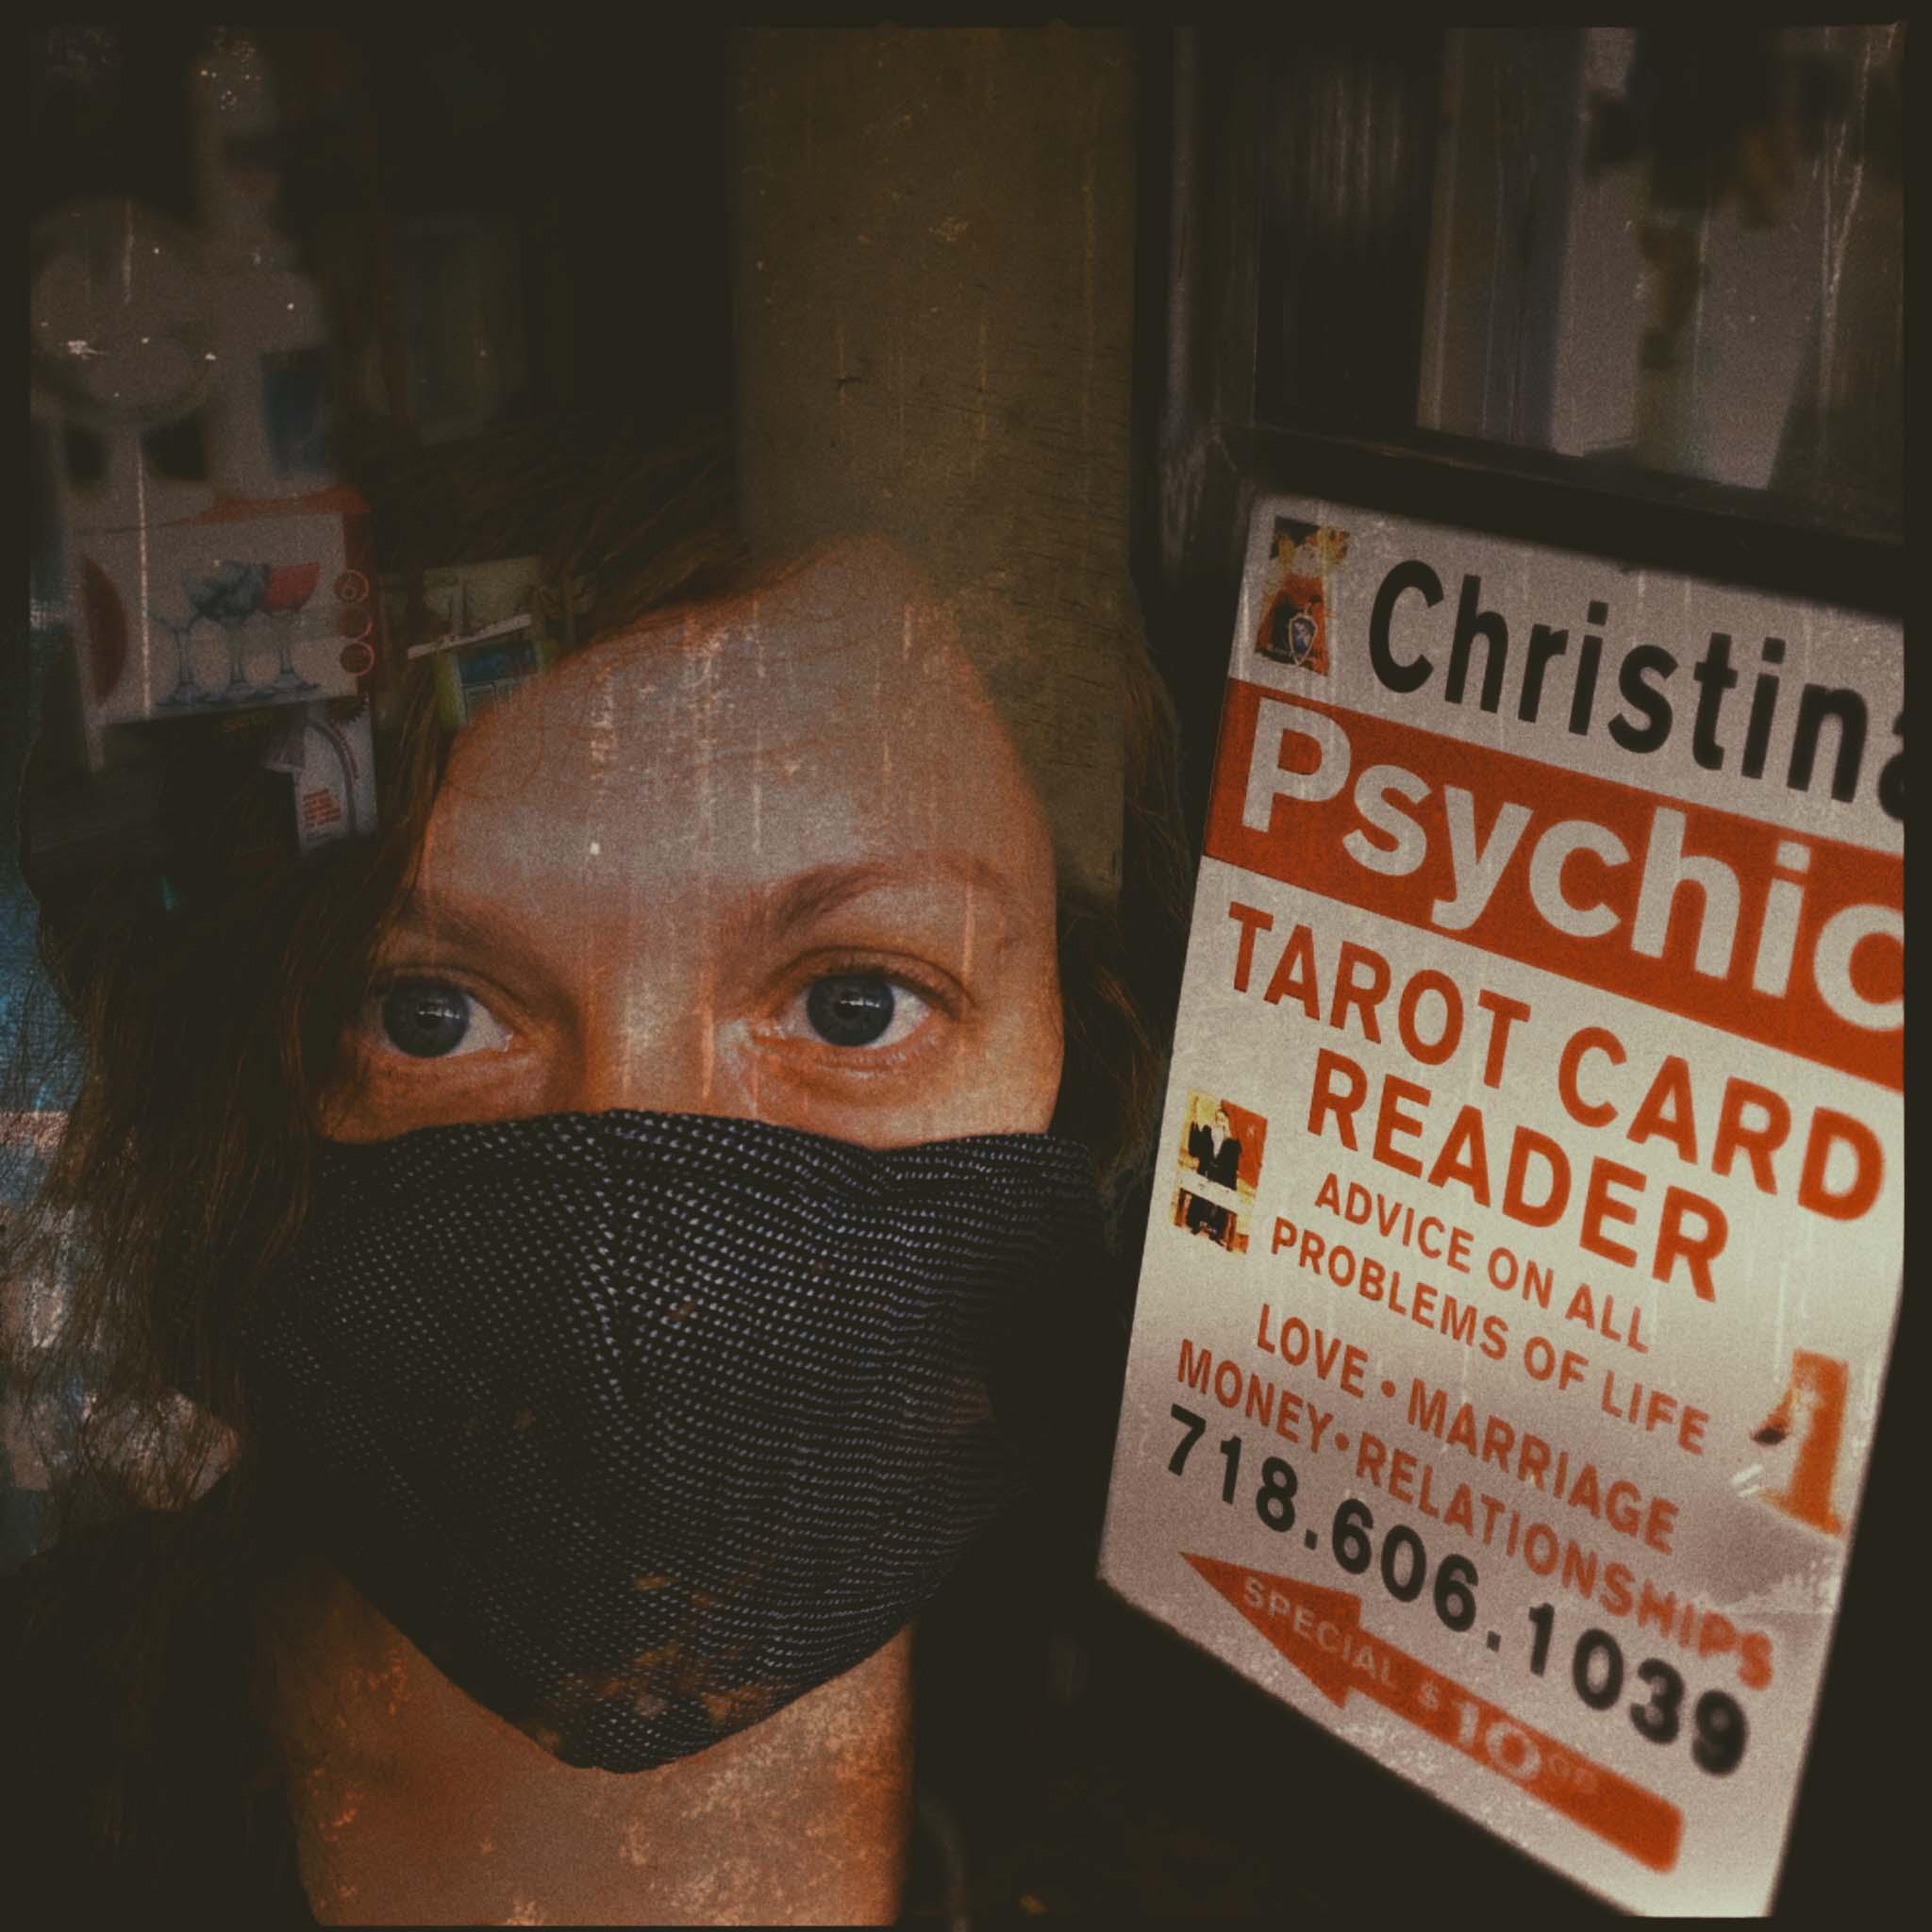 6.-Psychic